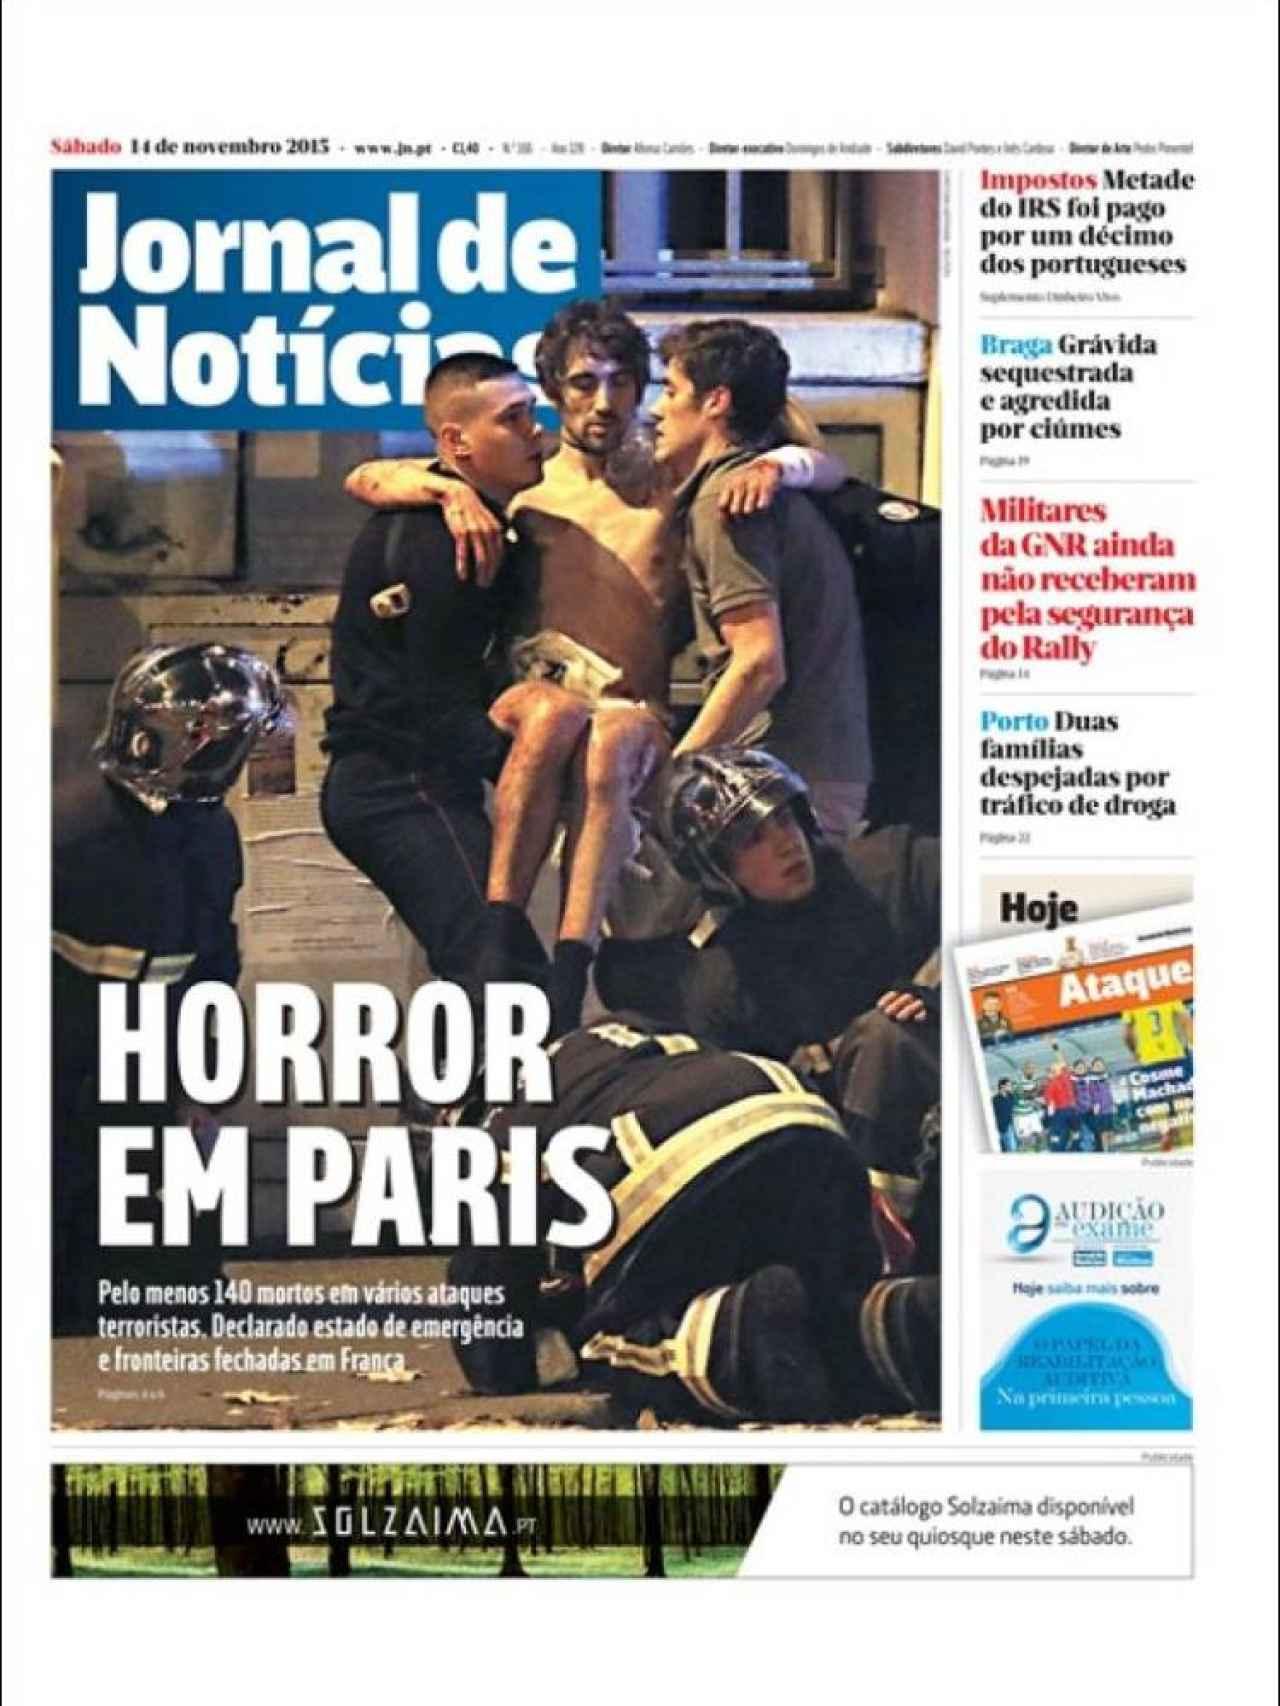 jornal_noticias.750